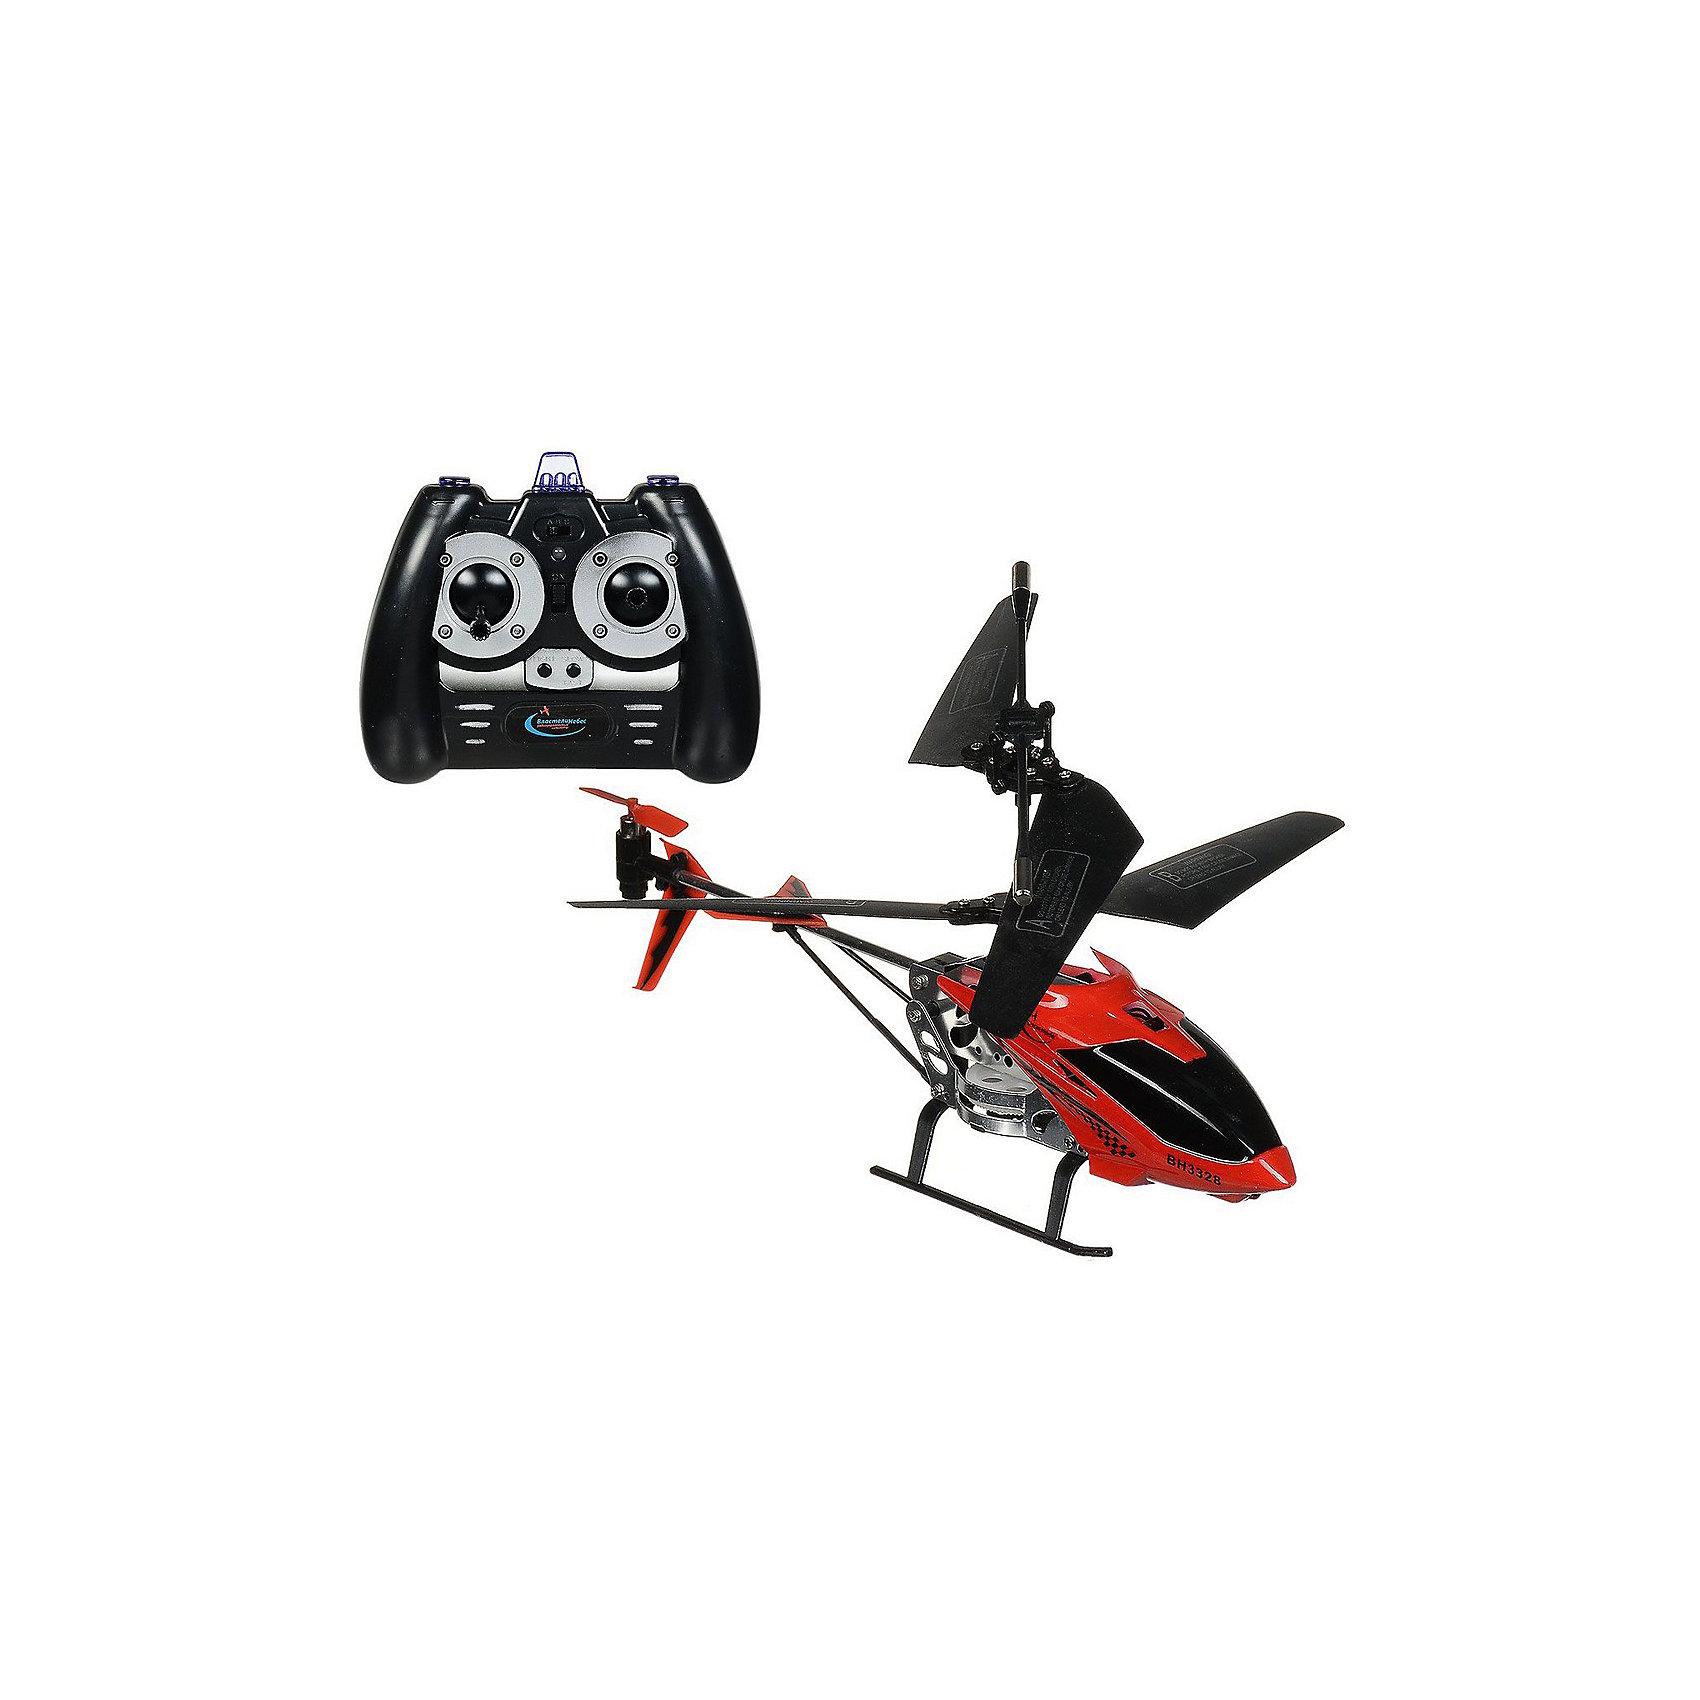 Вертолет на на р/у Снайпер с пистолетом, красный, Властелин небесРадиоуправляемый транспорт<br>Вертолет на р/у Снайпер с пистолетом, красный, Властелин небес<br><br>Характеристики:<br><br>• вертолет можно сбивать с помощью пистолета, входящего в комплект<br>• вертолет летает вверх, вниз, в стороны, а также поворачивается и зависает в воздухе<br>• светящиеся сигнальные огни<br>• встроенный гироскоп<br>• лопасти складываются при падении<br>• расстояние пульта: до 15 метров<br>• скорость: до 10 км/ч<br>• батарейки для пульта: АА - 6 шт. (не входят в комплект)<br>• батарейки для пистолета: АА - 2 шт. (не входят в комплект)<br>• в комплекте: вертолет, ИК-пульт, ИК-пистолет, аккумулятор, зарядное устройство<br>• материал: металл, пластик<br>• размер: 20х4х11 см<br>• питание: аккумулятор 3,7 V Li-poliy<br>• размер упаковки: 43,5х7х25,5 см<br>• вес: 700 грамм<br>• цвет: красный<br><br>Вертолет Снайпер идеально подходит для игры вдвоем. Один игрок управляет вертолетом с помощью пульта, а второй пытается сбить вертолет пистолетом. Чтобы сбить вертолет, нужно попасть в него 3 раза. Игрушка изготовлена из прочных материалов и хорошо выдерживает падения с большой высоты. При этом лопасти складываются во избежание повреждений. Вертолет оснащен светящимися сигнальными огнями, которые помогут отыскать его в темноте. Радиус действия пульта - до 15 метров. Вы сможете играть на большом расстоянии для лучшего обзора. Вертолет может летать вверх, вниз, в стороны и совершать повороты. А благодаря встроенному гироскопу, игрушка способна висеть в воздухе.<br>Для работы пульта необходимы 6 батареек АА, для работы пистолета - 2 батарейки АА.<br><br>Вертолет на р/у Снайпер с пистолетом, красный, Властелин небес вы можете купить в нашем интернет-магазине.<br><br>Ширина мм: 70<br>Глубина мм: 350<br>Высота мм: 265<br>Вес г: 810<br>Возраст от месяцев: 108<br>Возраст до месяцев: 2147483647<br>Пол: Мужской<br>Возраст: Детский<br>SKU: 5397082